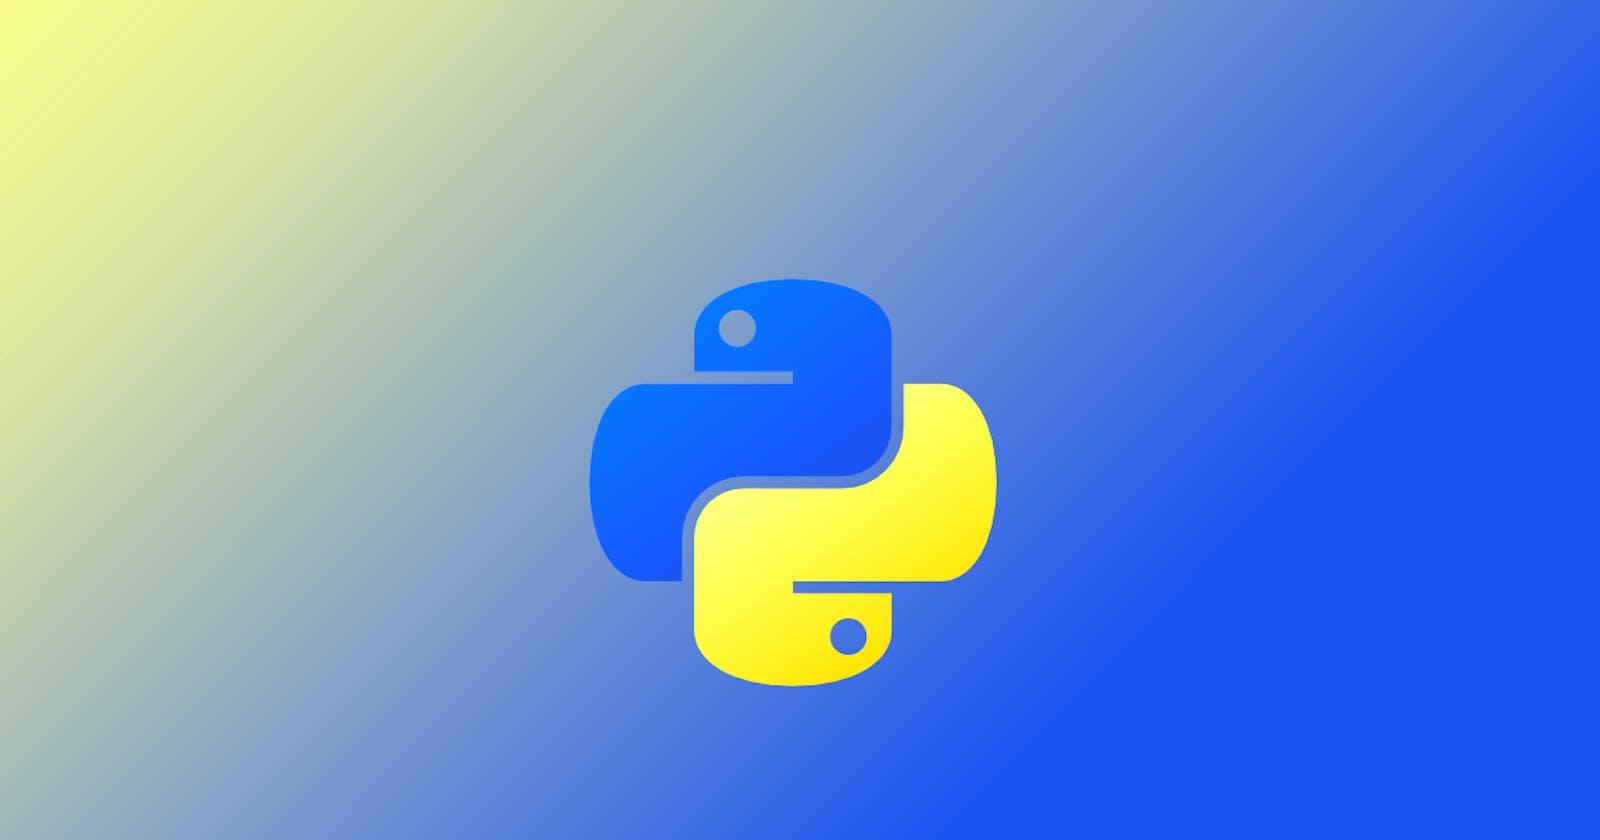 Why I Hate Python